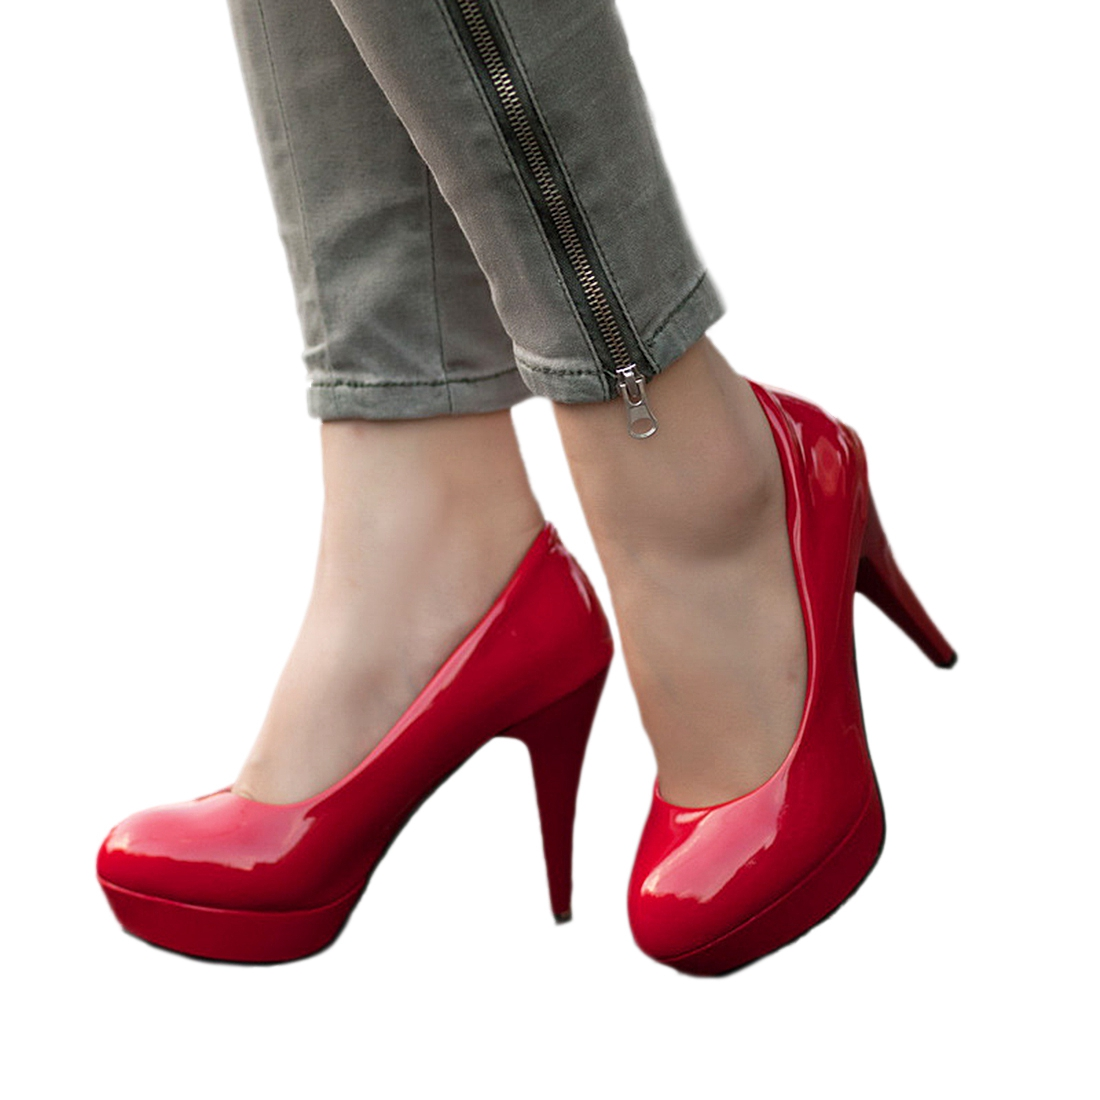 HEBA Classic Sexy Round Toe Platform Low Heels Women Wedding Pumps Shoes Suede недорго, оригинальная цена